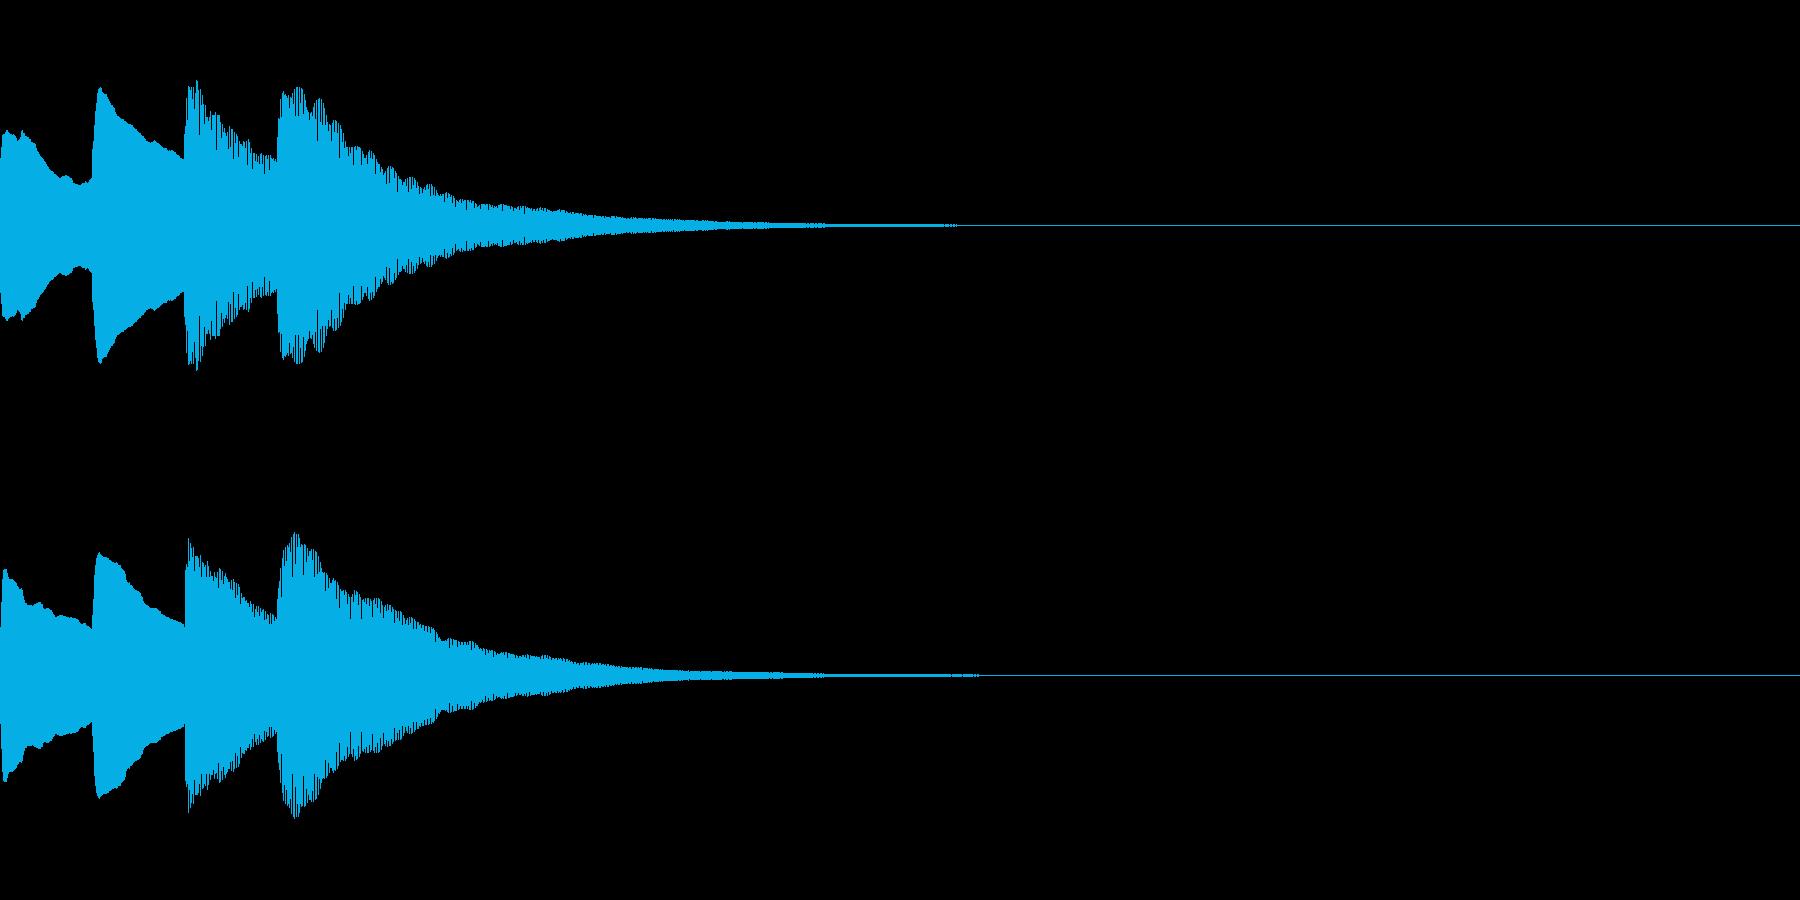 お知らせ・アナウンス音B下降(速め)04の再生済みの波形